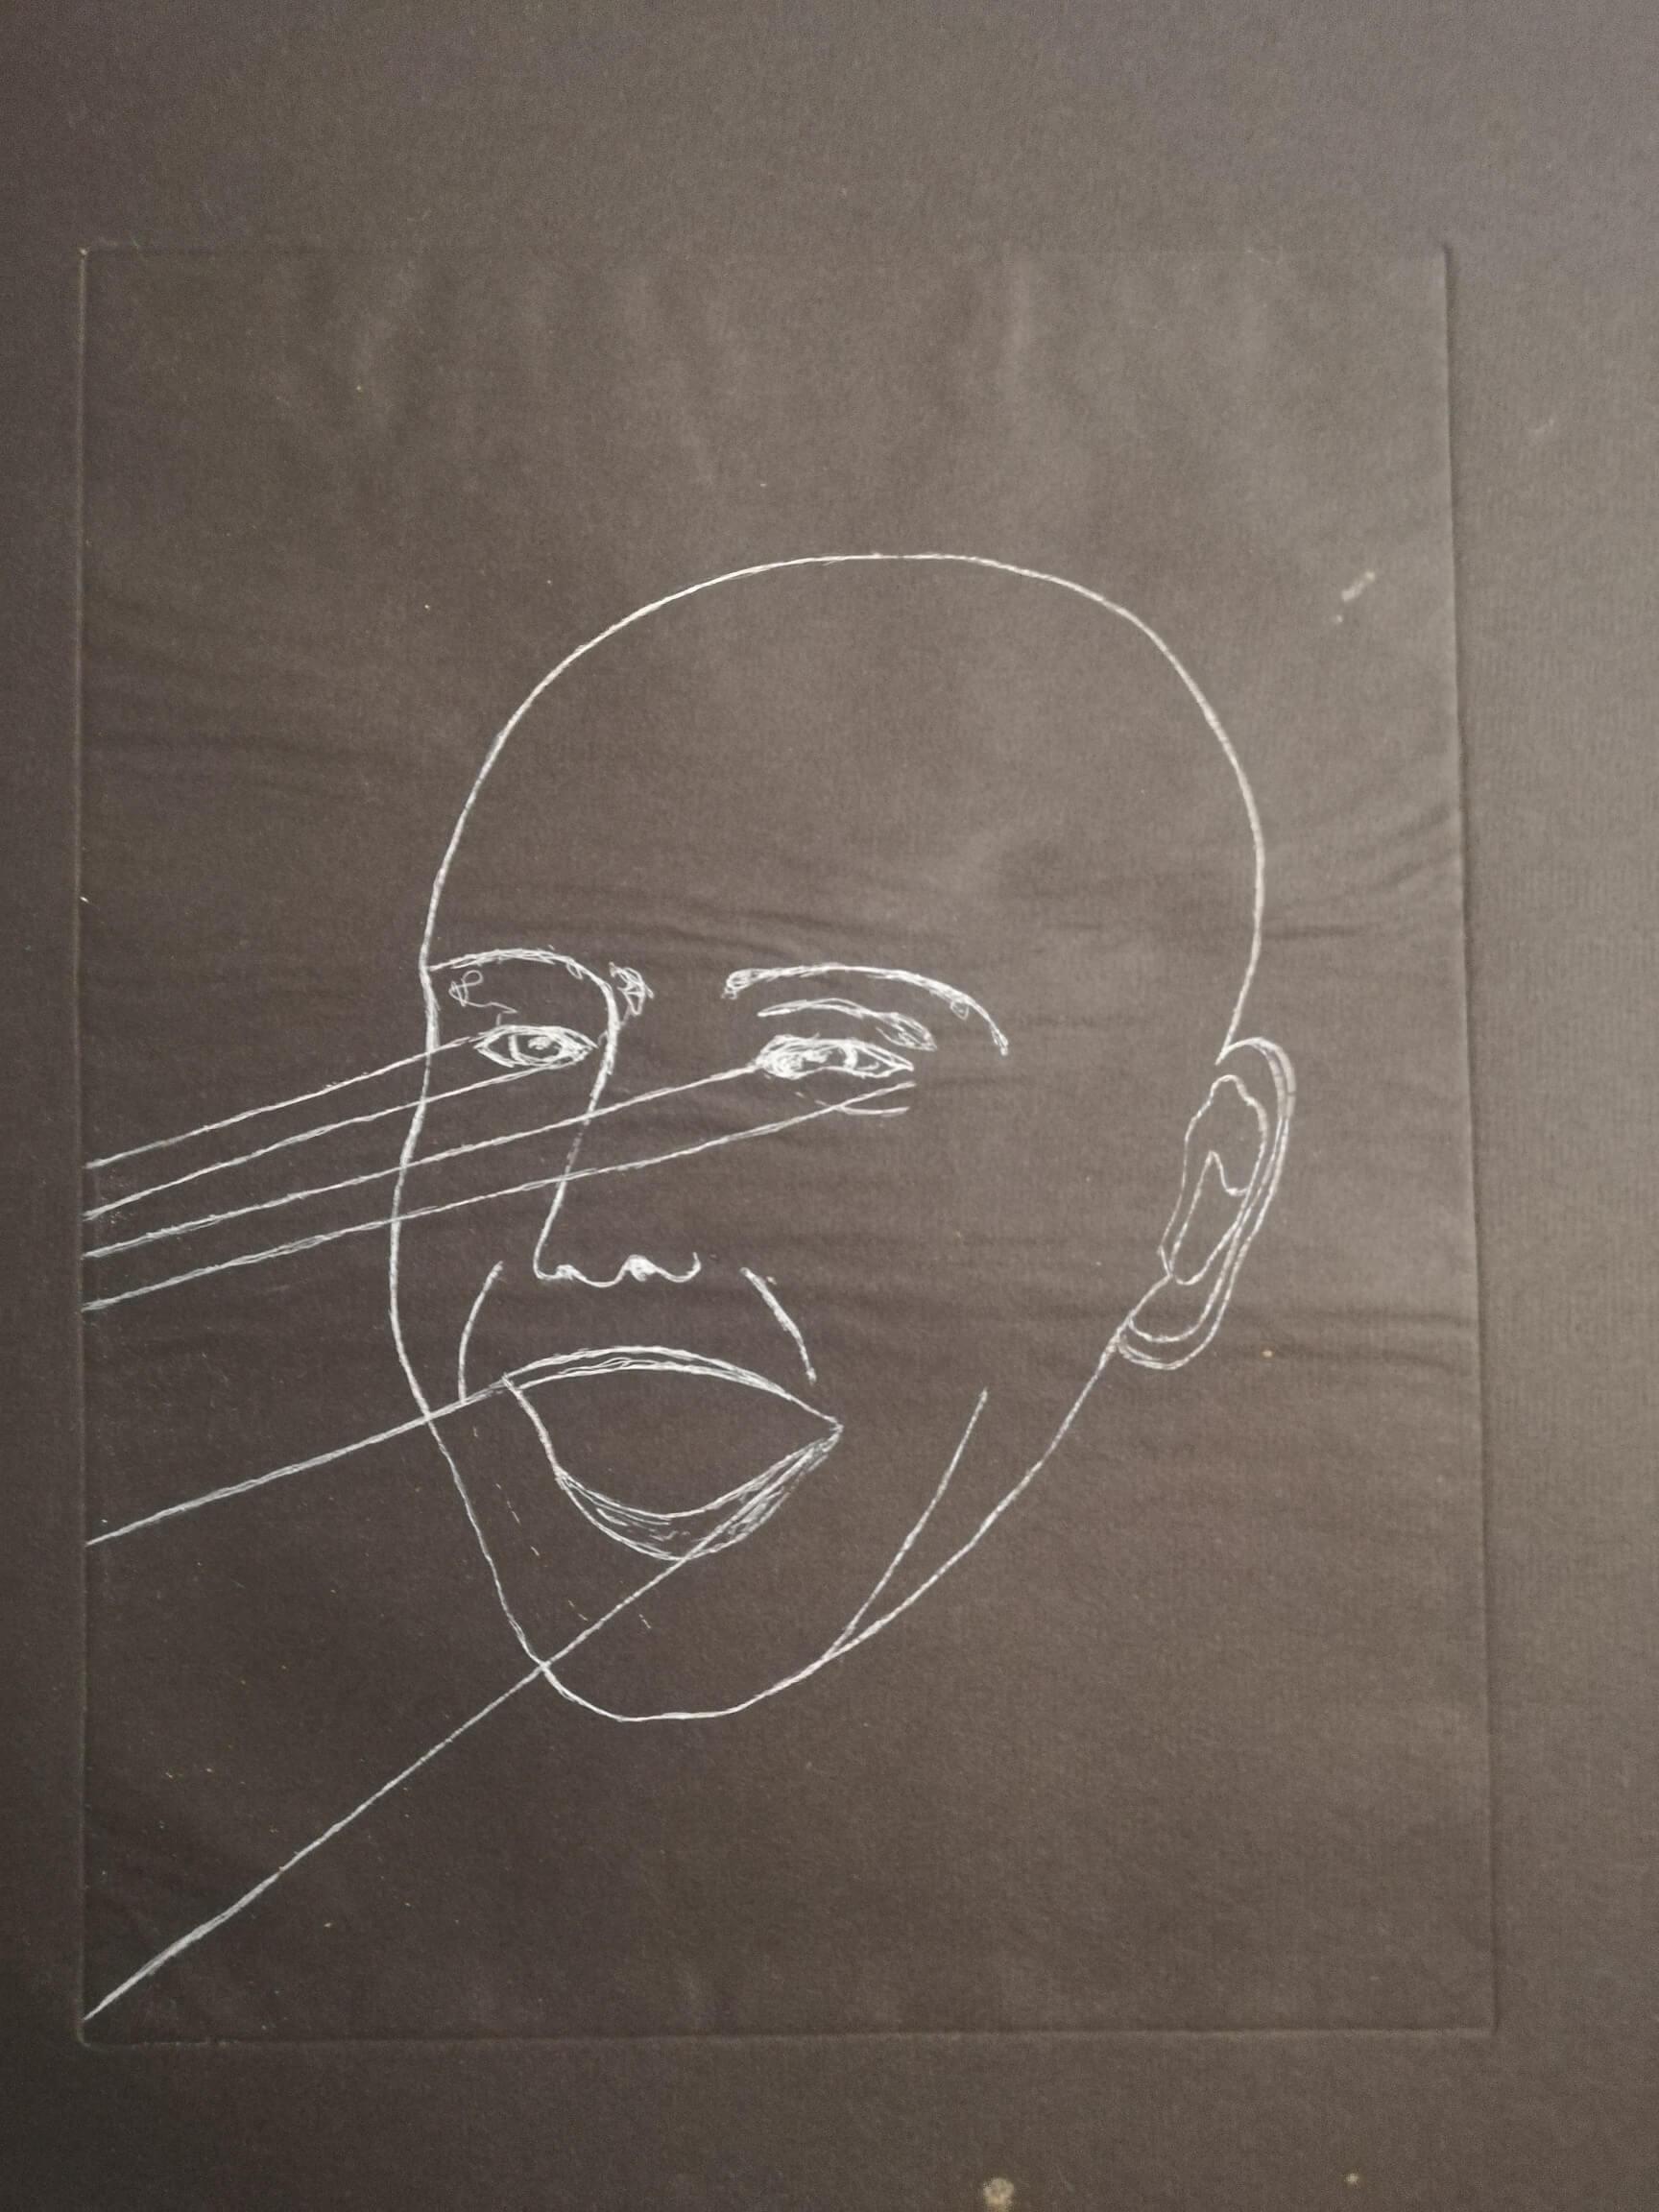 Le rire noir engrave by Michel Puharré